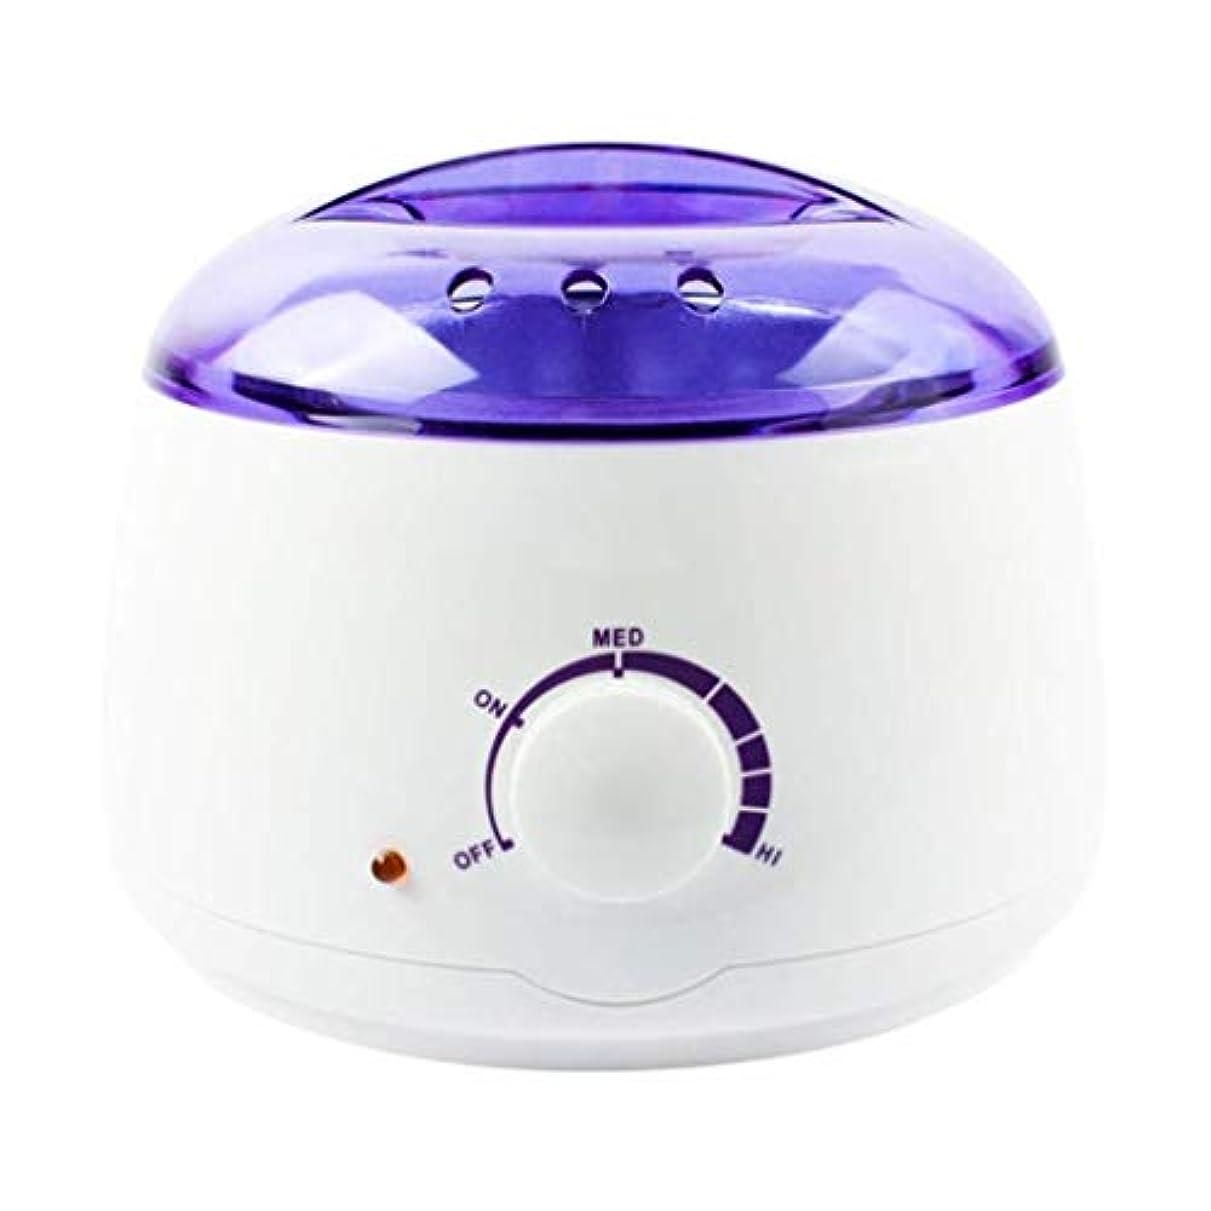 アーカイブローブ告白プロの電気ワックスヒーター、ヒーター、ソフト、パラフィン、暖かい、クリームとリボンワックスに適しています。大広間のための調節可能な温度の毛の取り外しのためのワックスメルター、品質の結果 (Color : White)